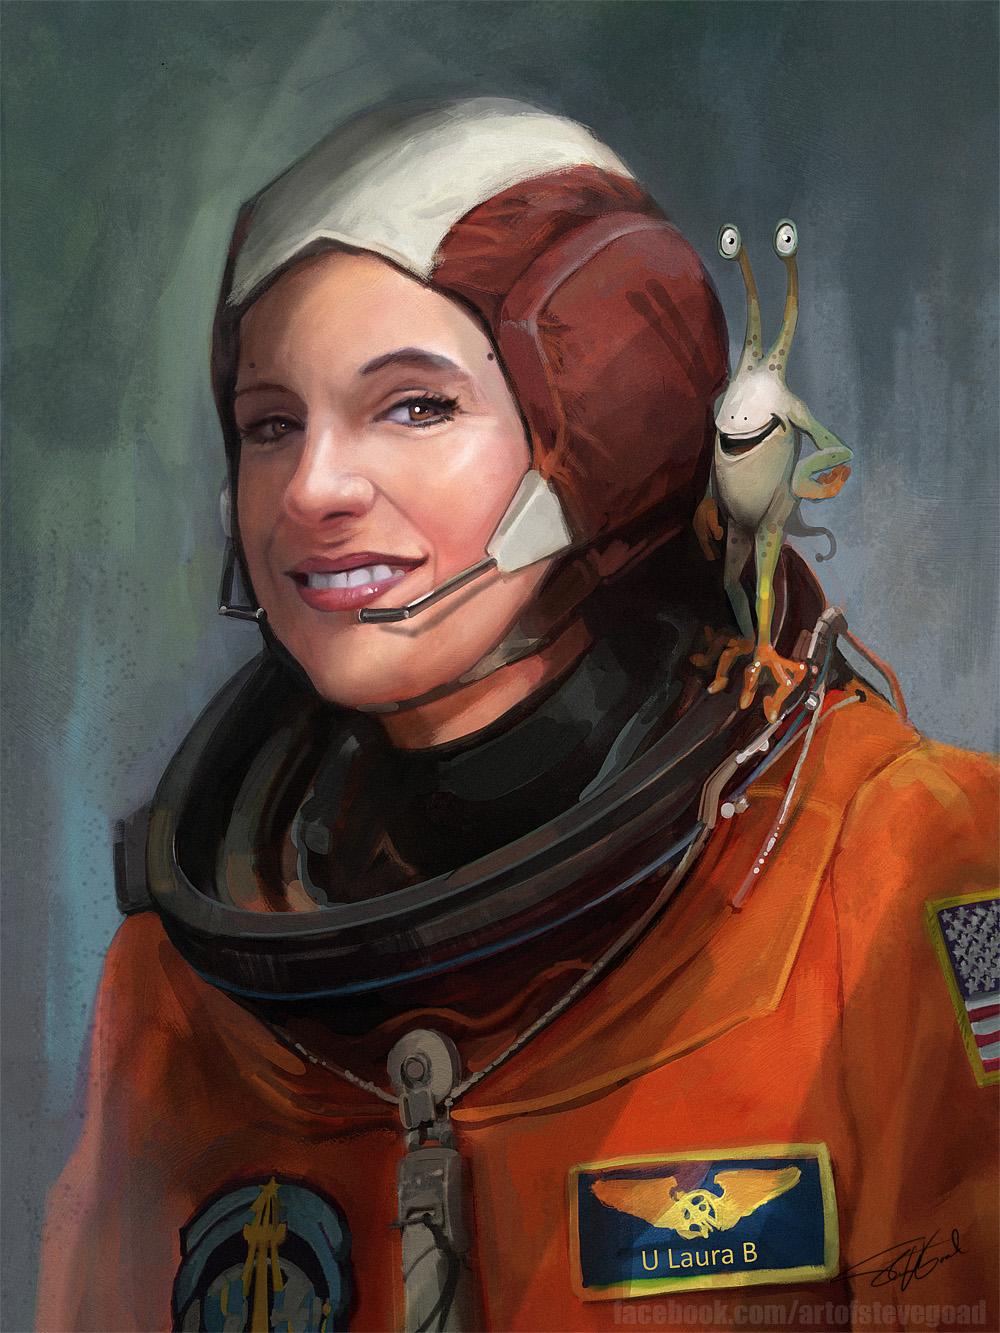 Lori the Astronaut